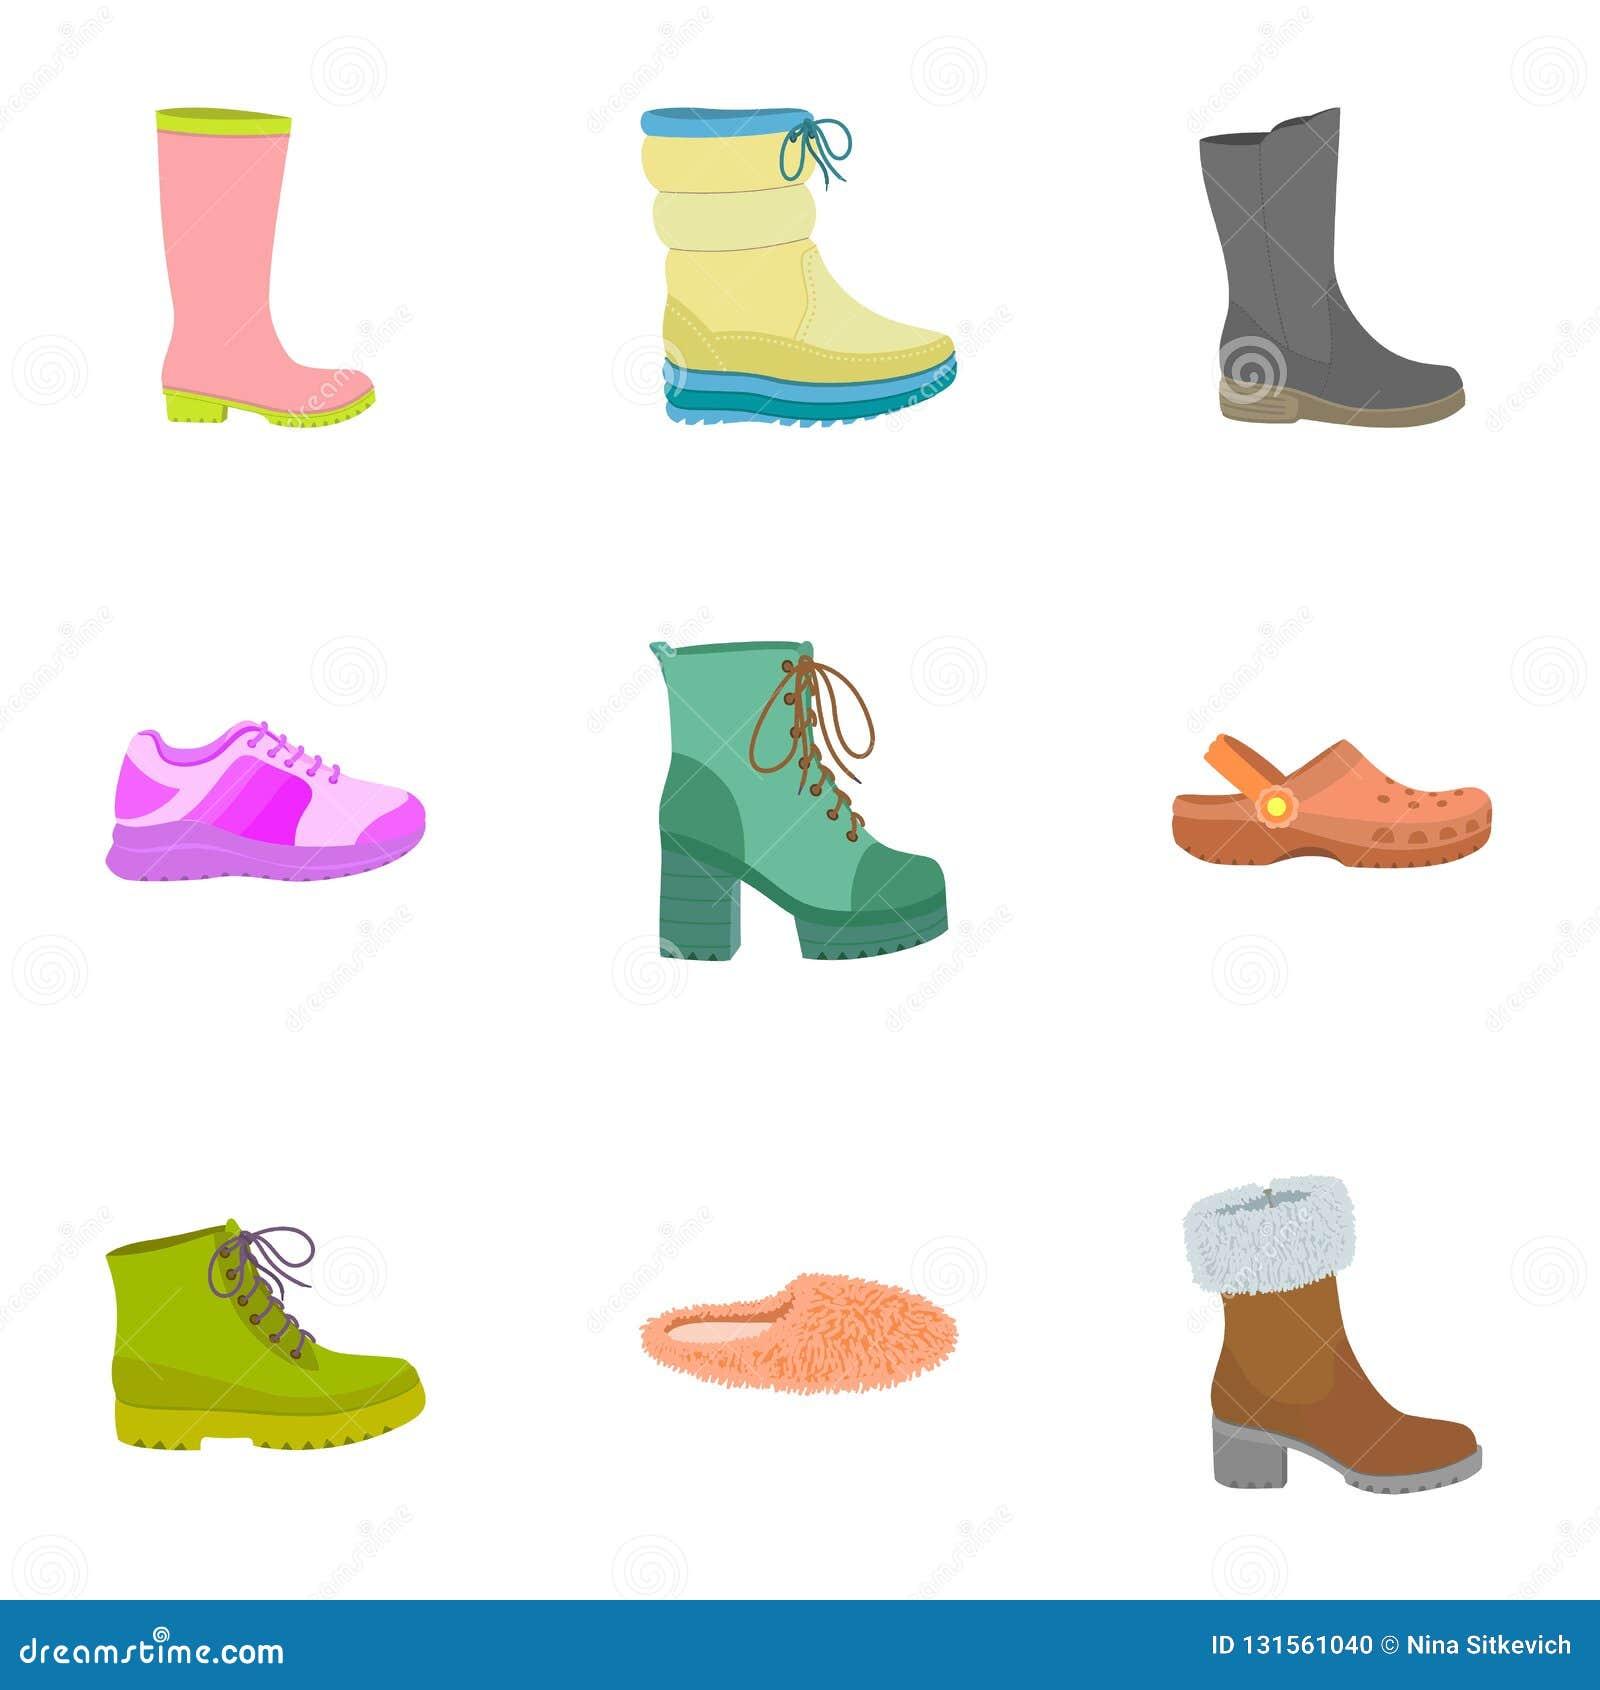 Lady shoes icon set, flat style